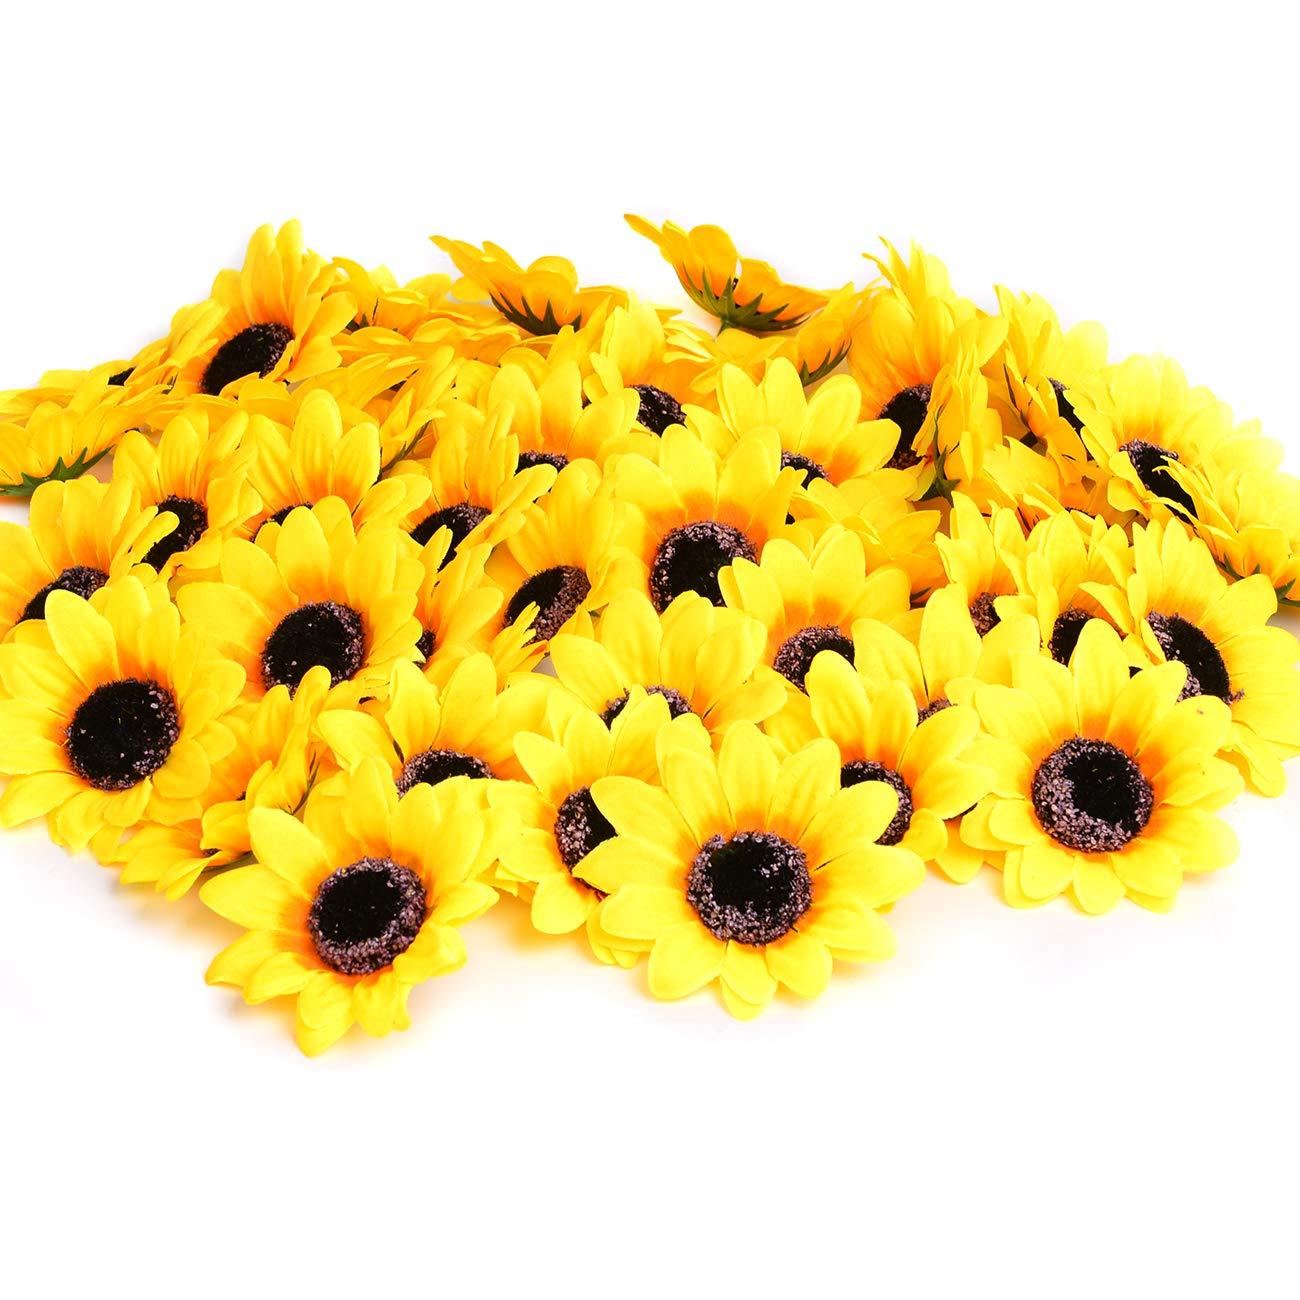 Artificial Sunflower 3-head Fake Yellow Flower Faux Flower Arrangement Centerpiece Thanksgiving Fall Decor Wedding